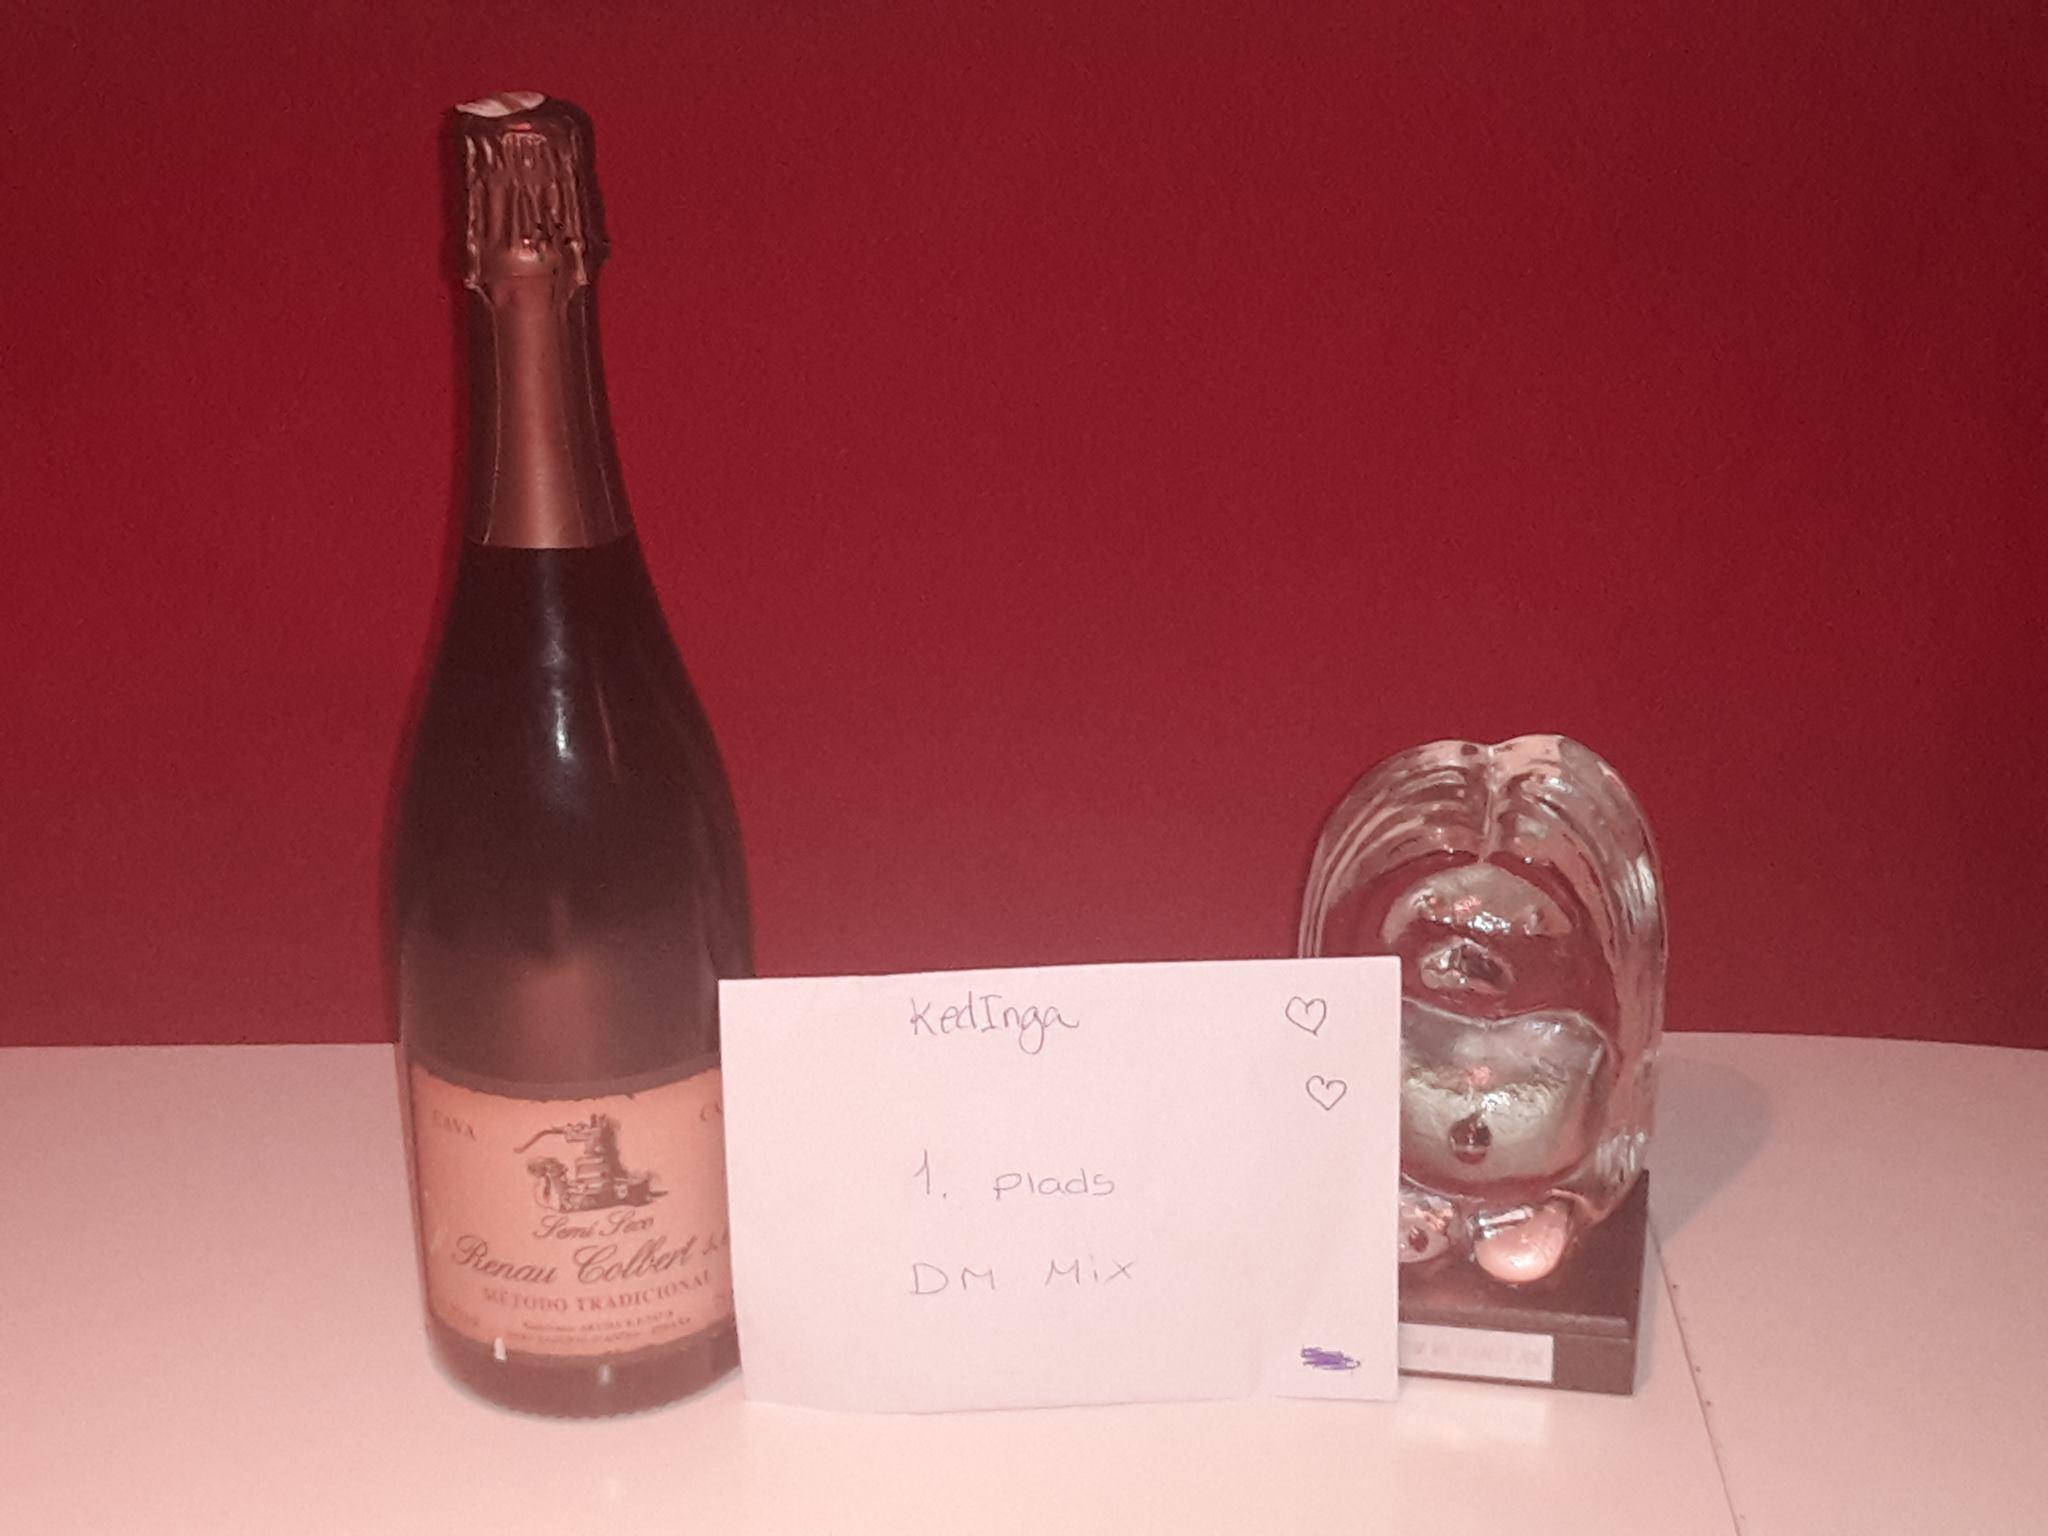 Artikel foto: Champagne, Pokal og præmiekuvert